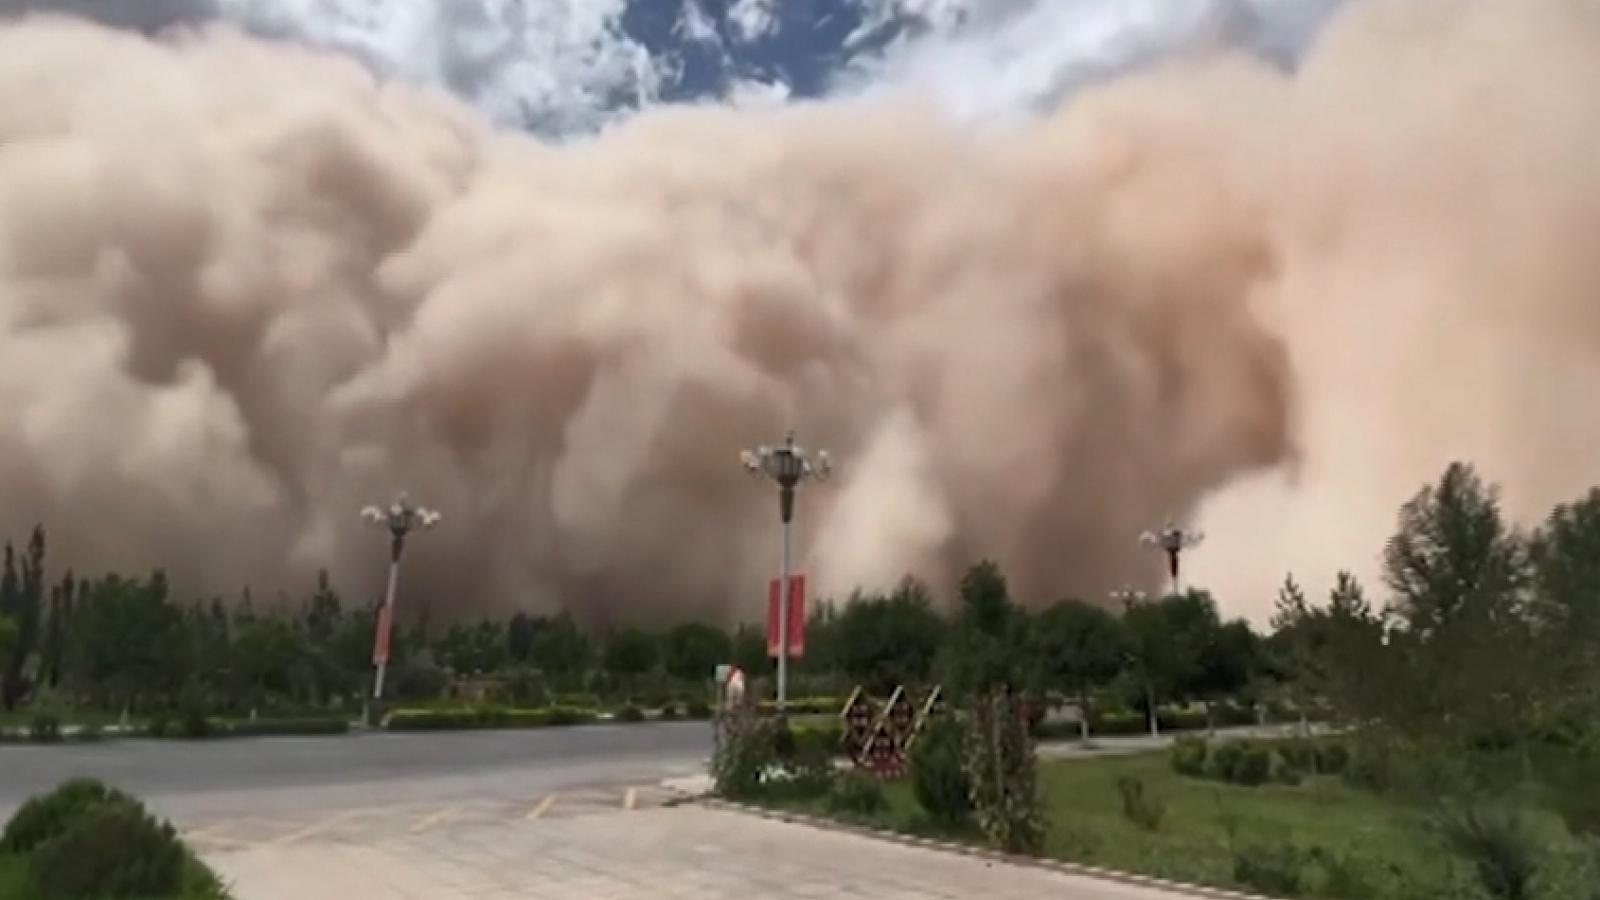 Video ghi cảnh bão cát khủng khiếp trùm lên các tòa nhà và đường phố Trung Quốc